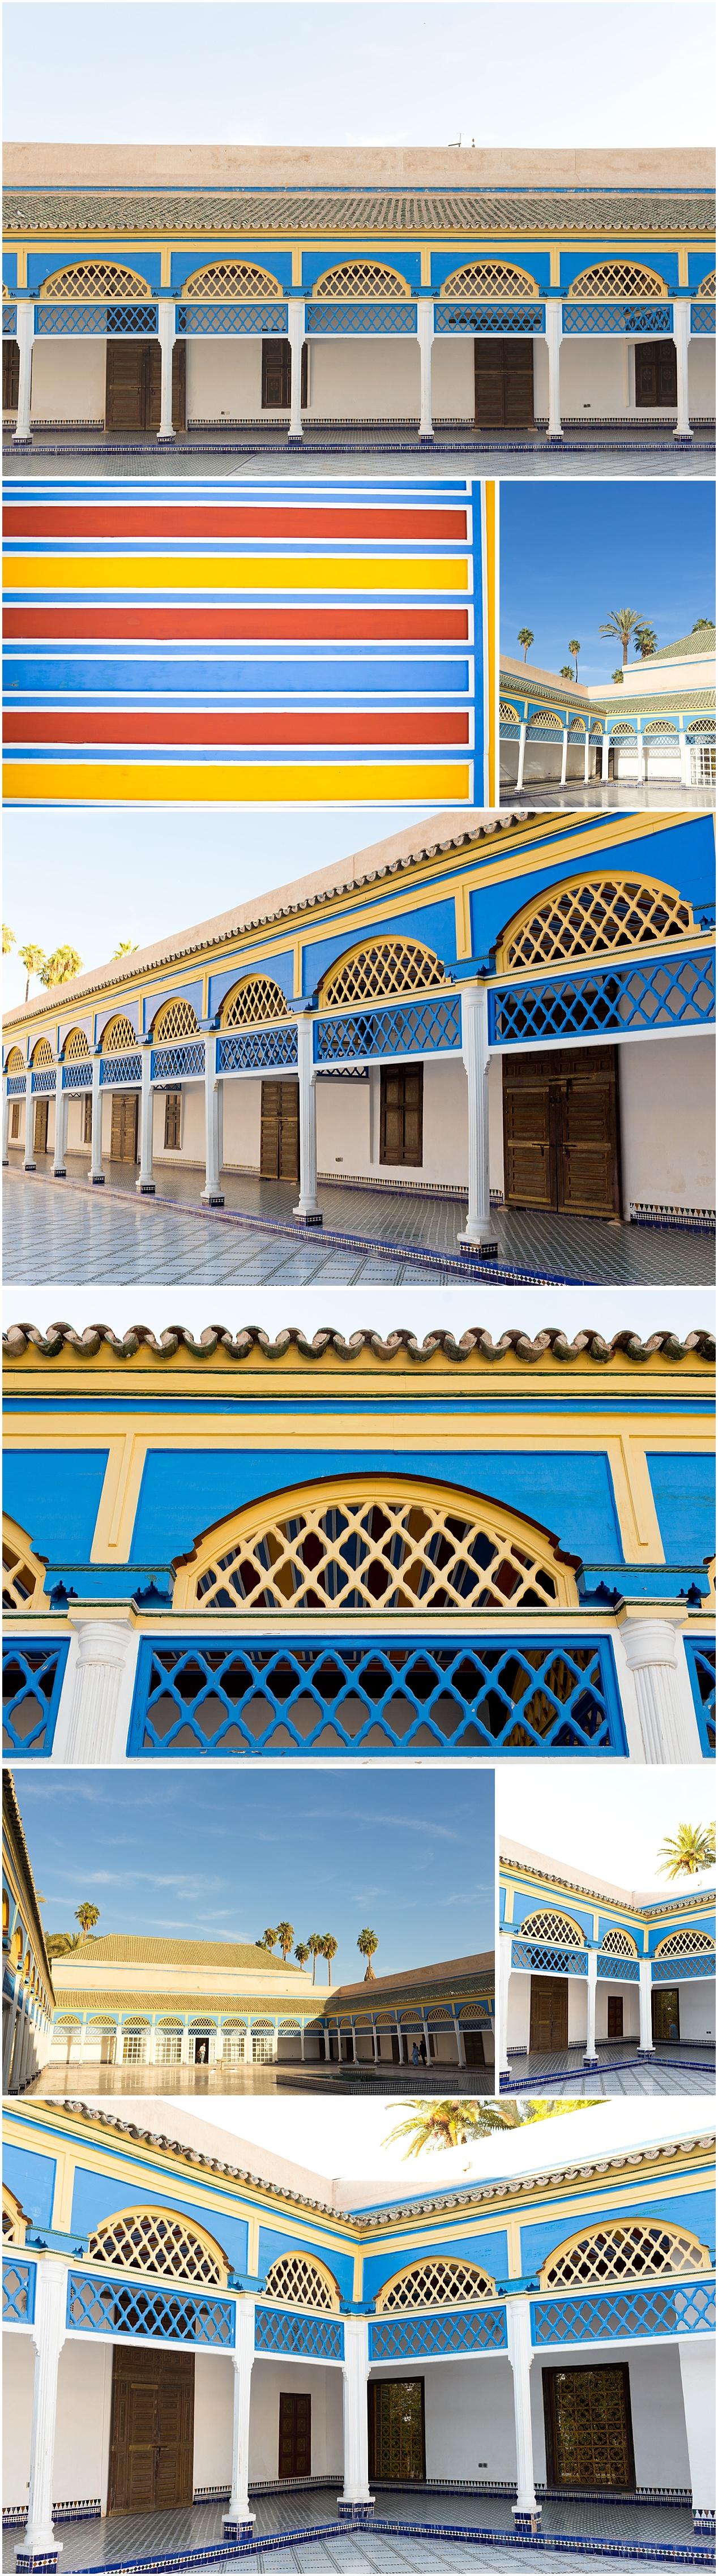 courtyard at Bahia Palace - Marrakech, Morocco photos